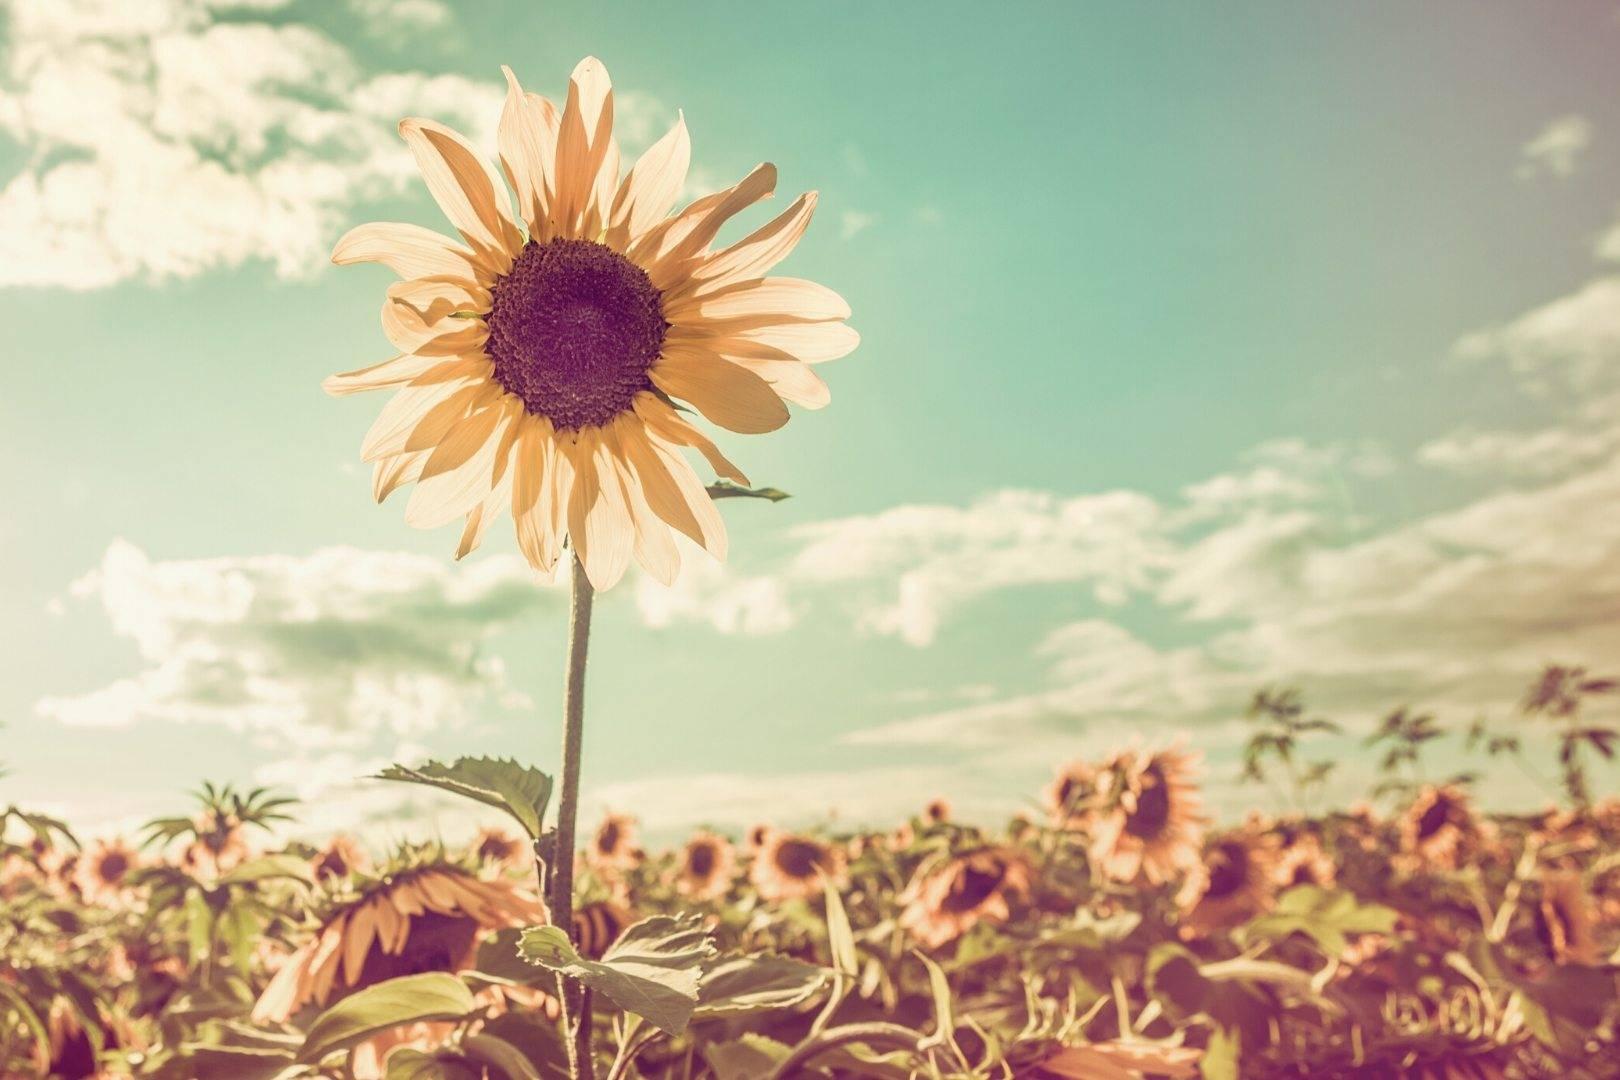 OSIRIUS® - Jeder Mensch ist anders - Naturheilmittel mit Biopersonalisierung® - Sonnenblume - Natur